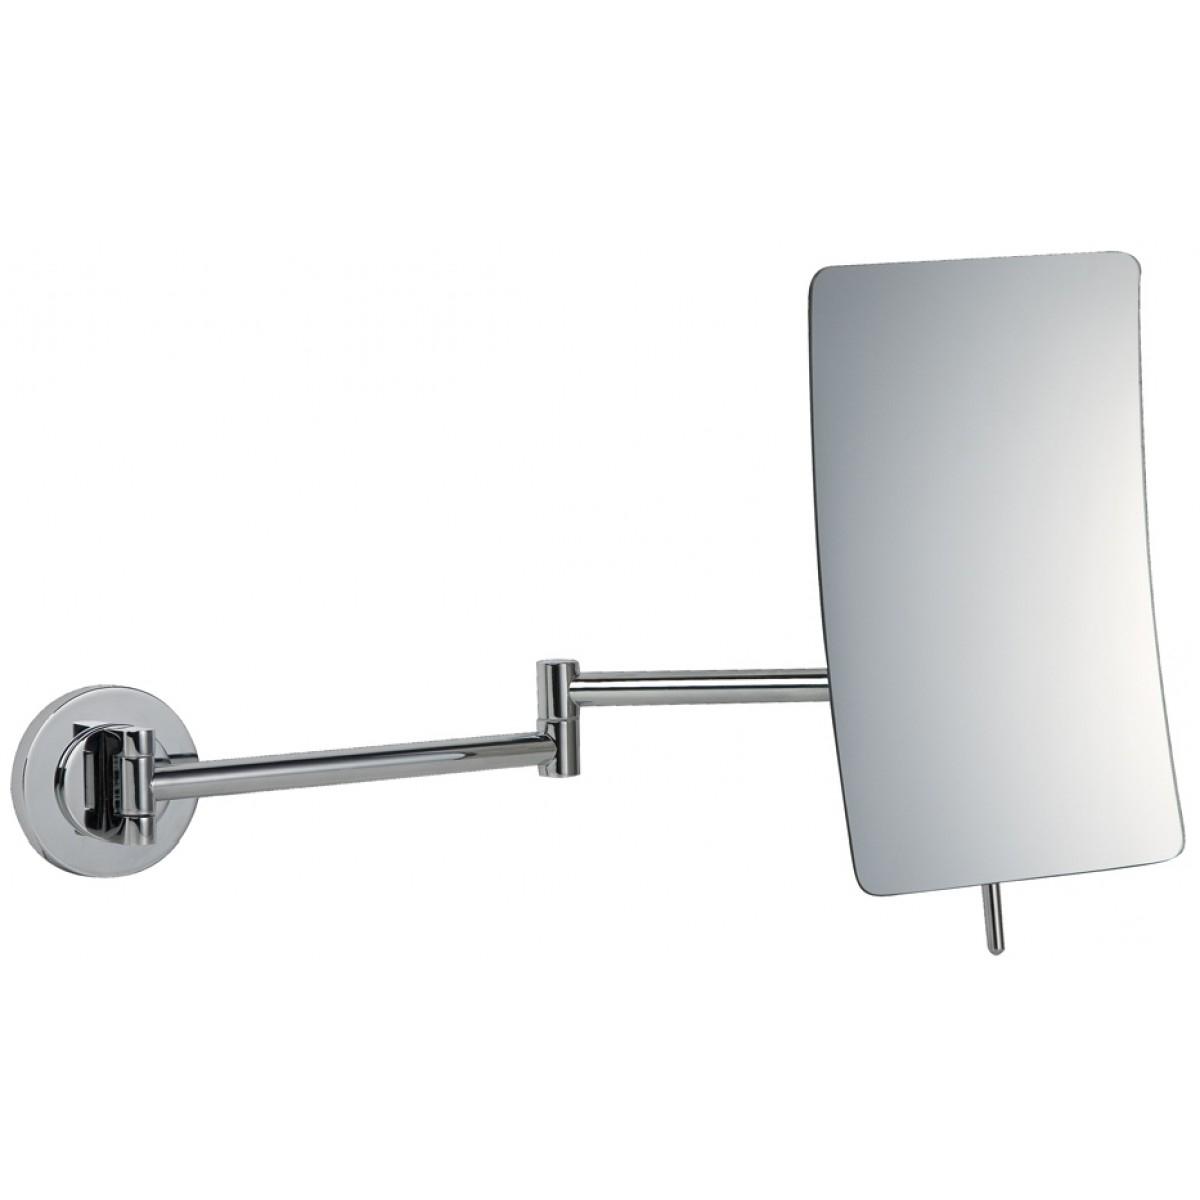 Fashionable Bathroom Origins Square 5X Magnifying Wall Mirror – 155 X 205Mm With Magnifying Wall Mirrors For Bathroom (View 6 of 20)